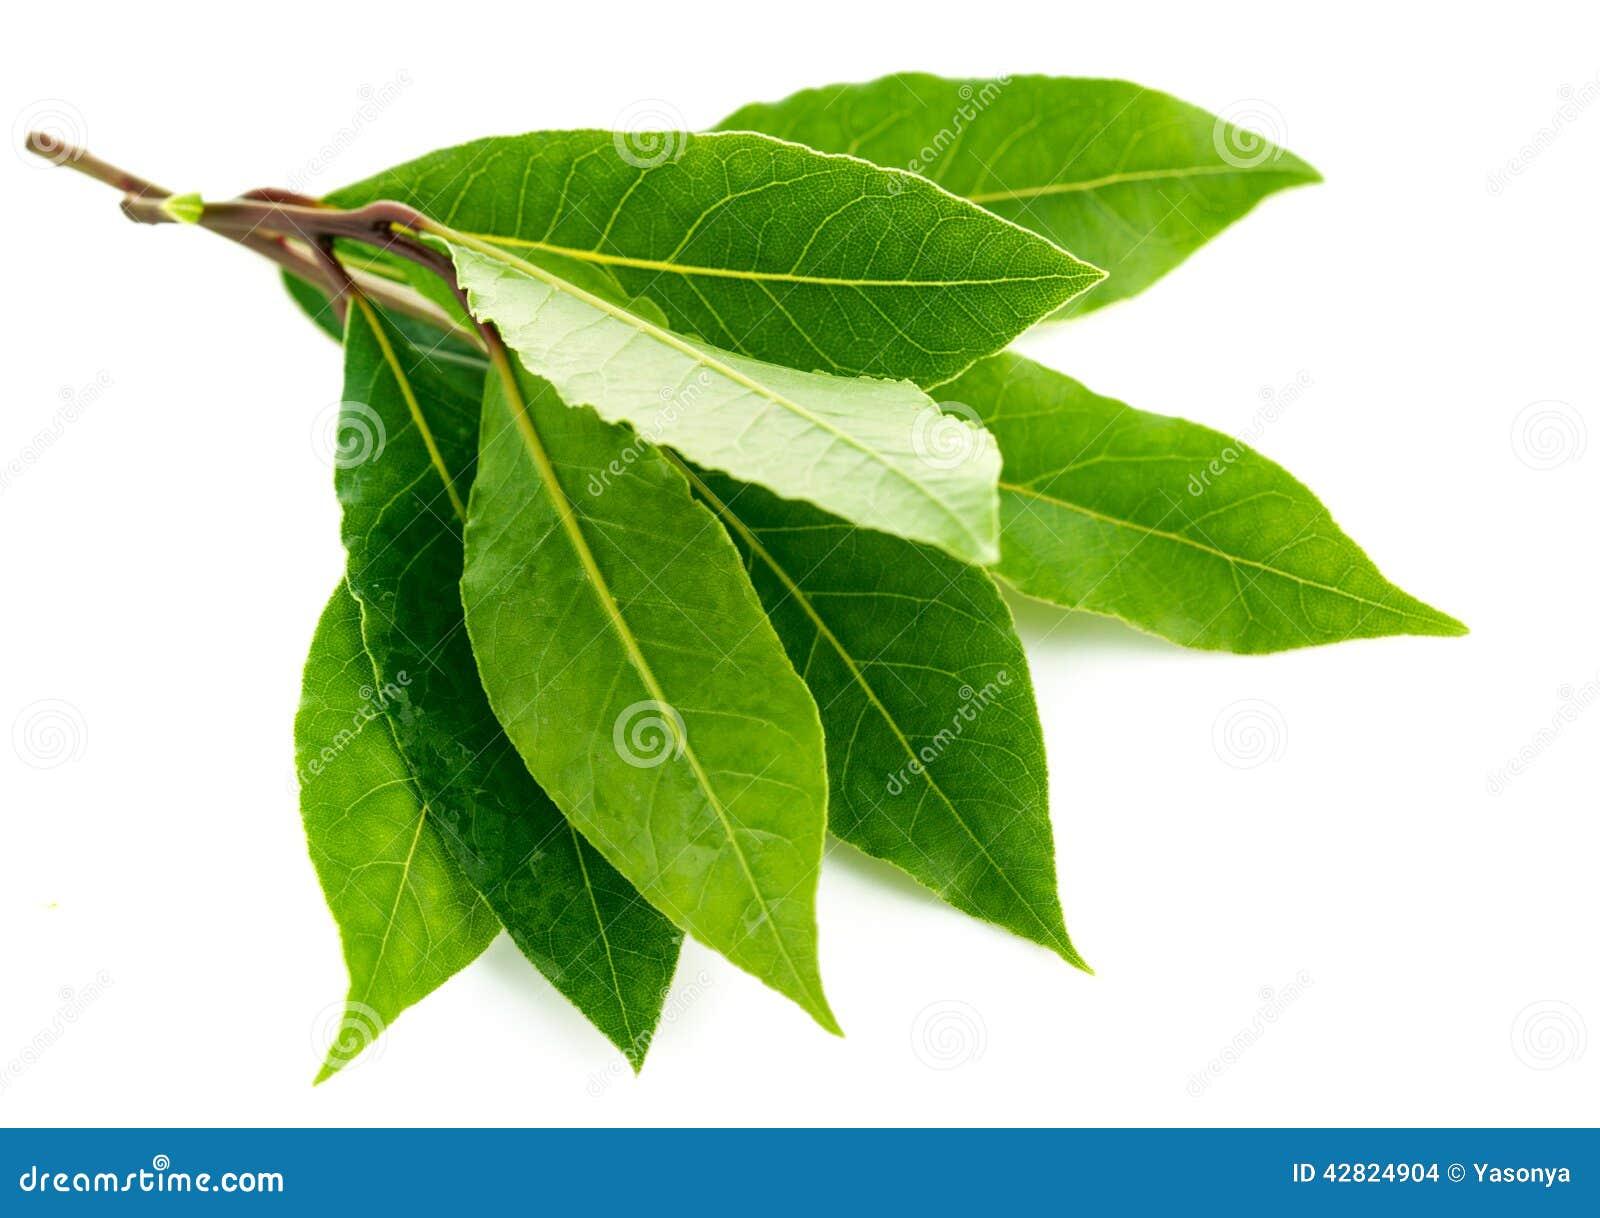 Branch green laurel leaf